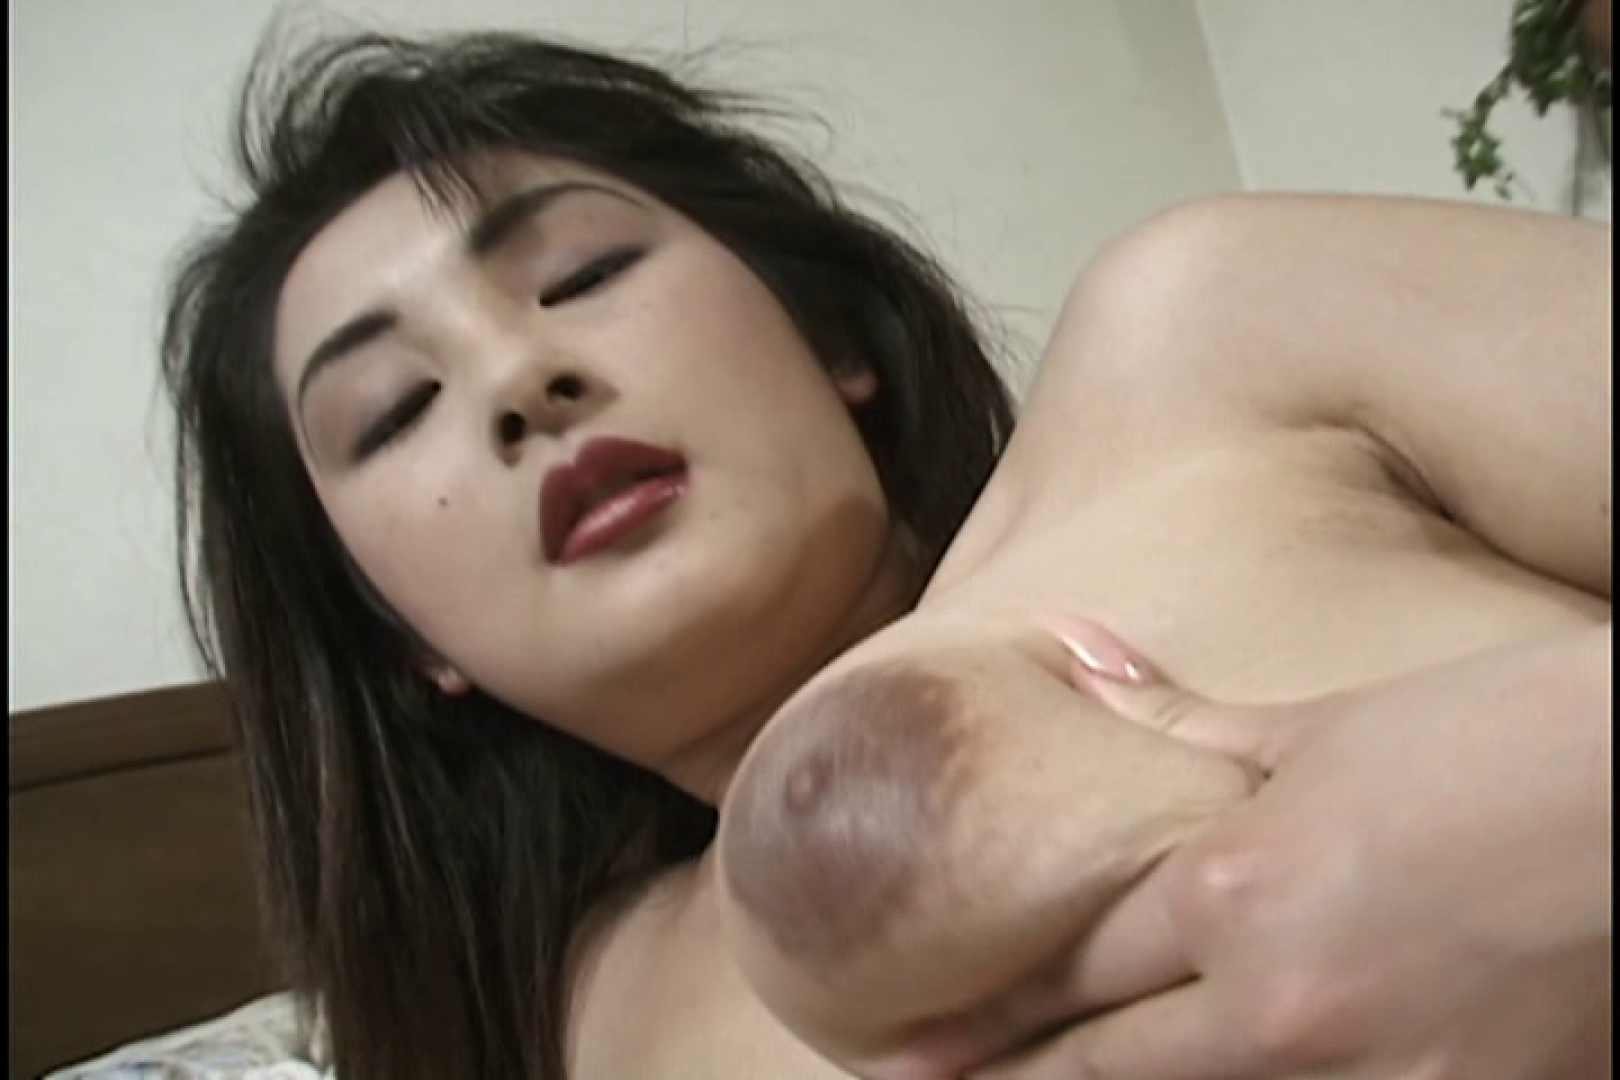 エロフェロモン全開の90センチ巨乳の淫乱人妻とSEX~篠崎麻美~ 淫乱 | 人妻  74画像 32